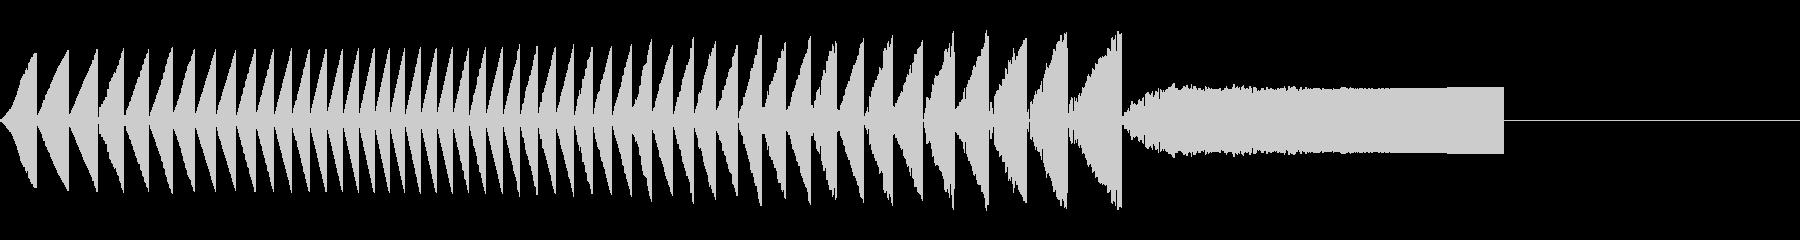 ピュルルルパー(宇宙/ワープ/サイケの未再生の波形